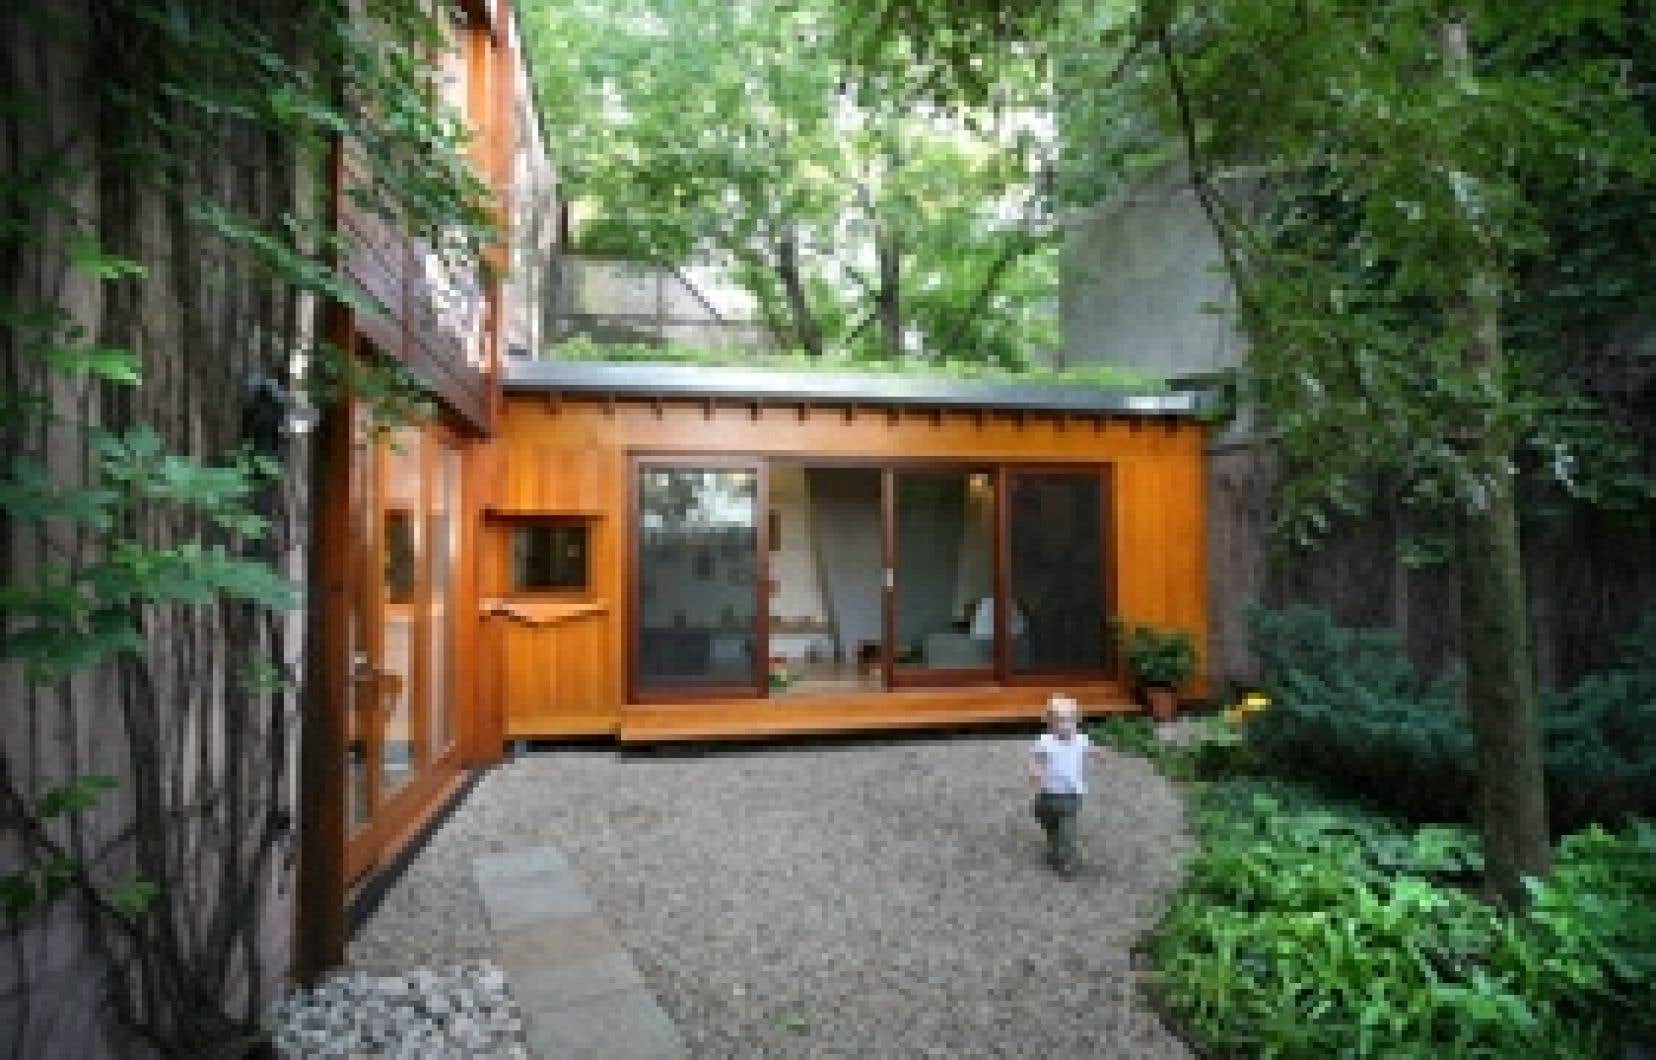 La résidence Bernier-Thibault, une maison familiale du Plateau rehaussée de deux cubes de verre et de bois, est en nomination pour le prix Marcel-Parizeau, attribué aux projets de moins de 150 000 $.